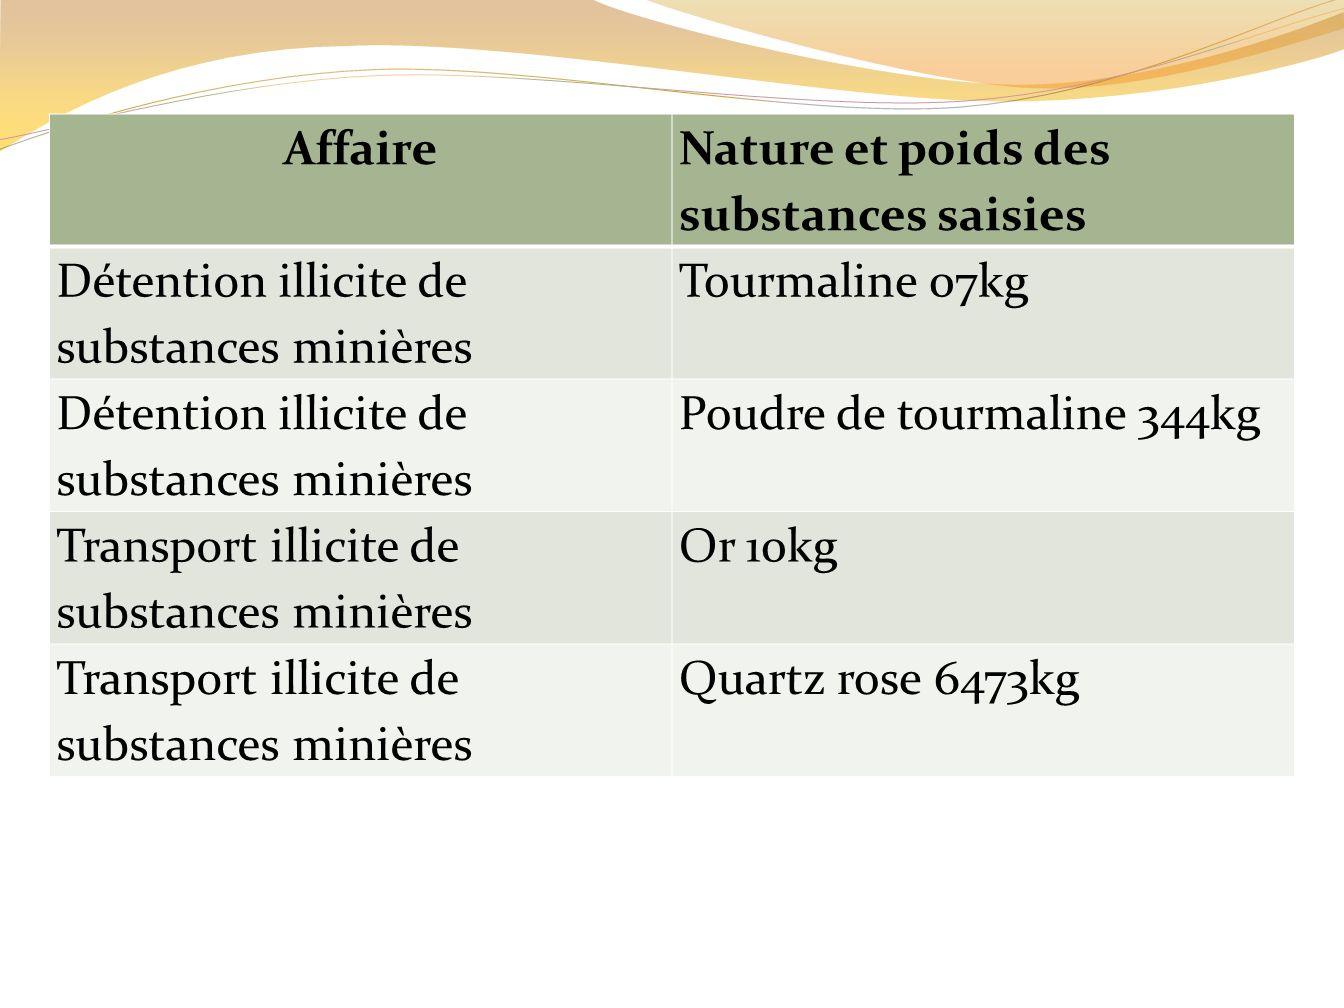 Affaire Nature et poids des substances saisies. Détention illicite de substances minières. Tourmaline 07kg.